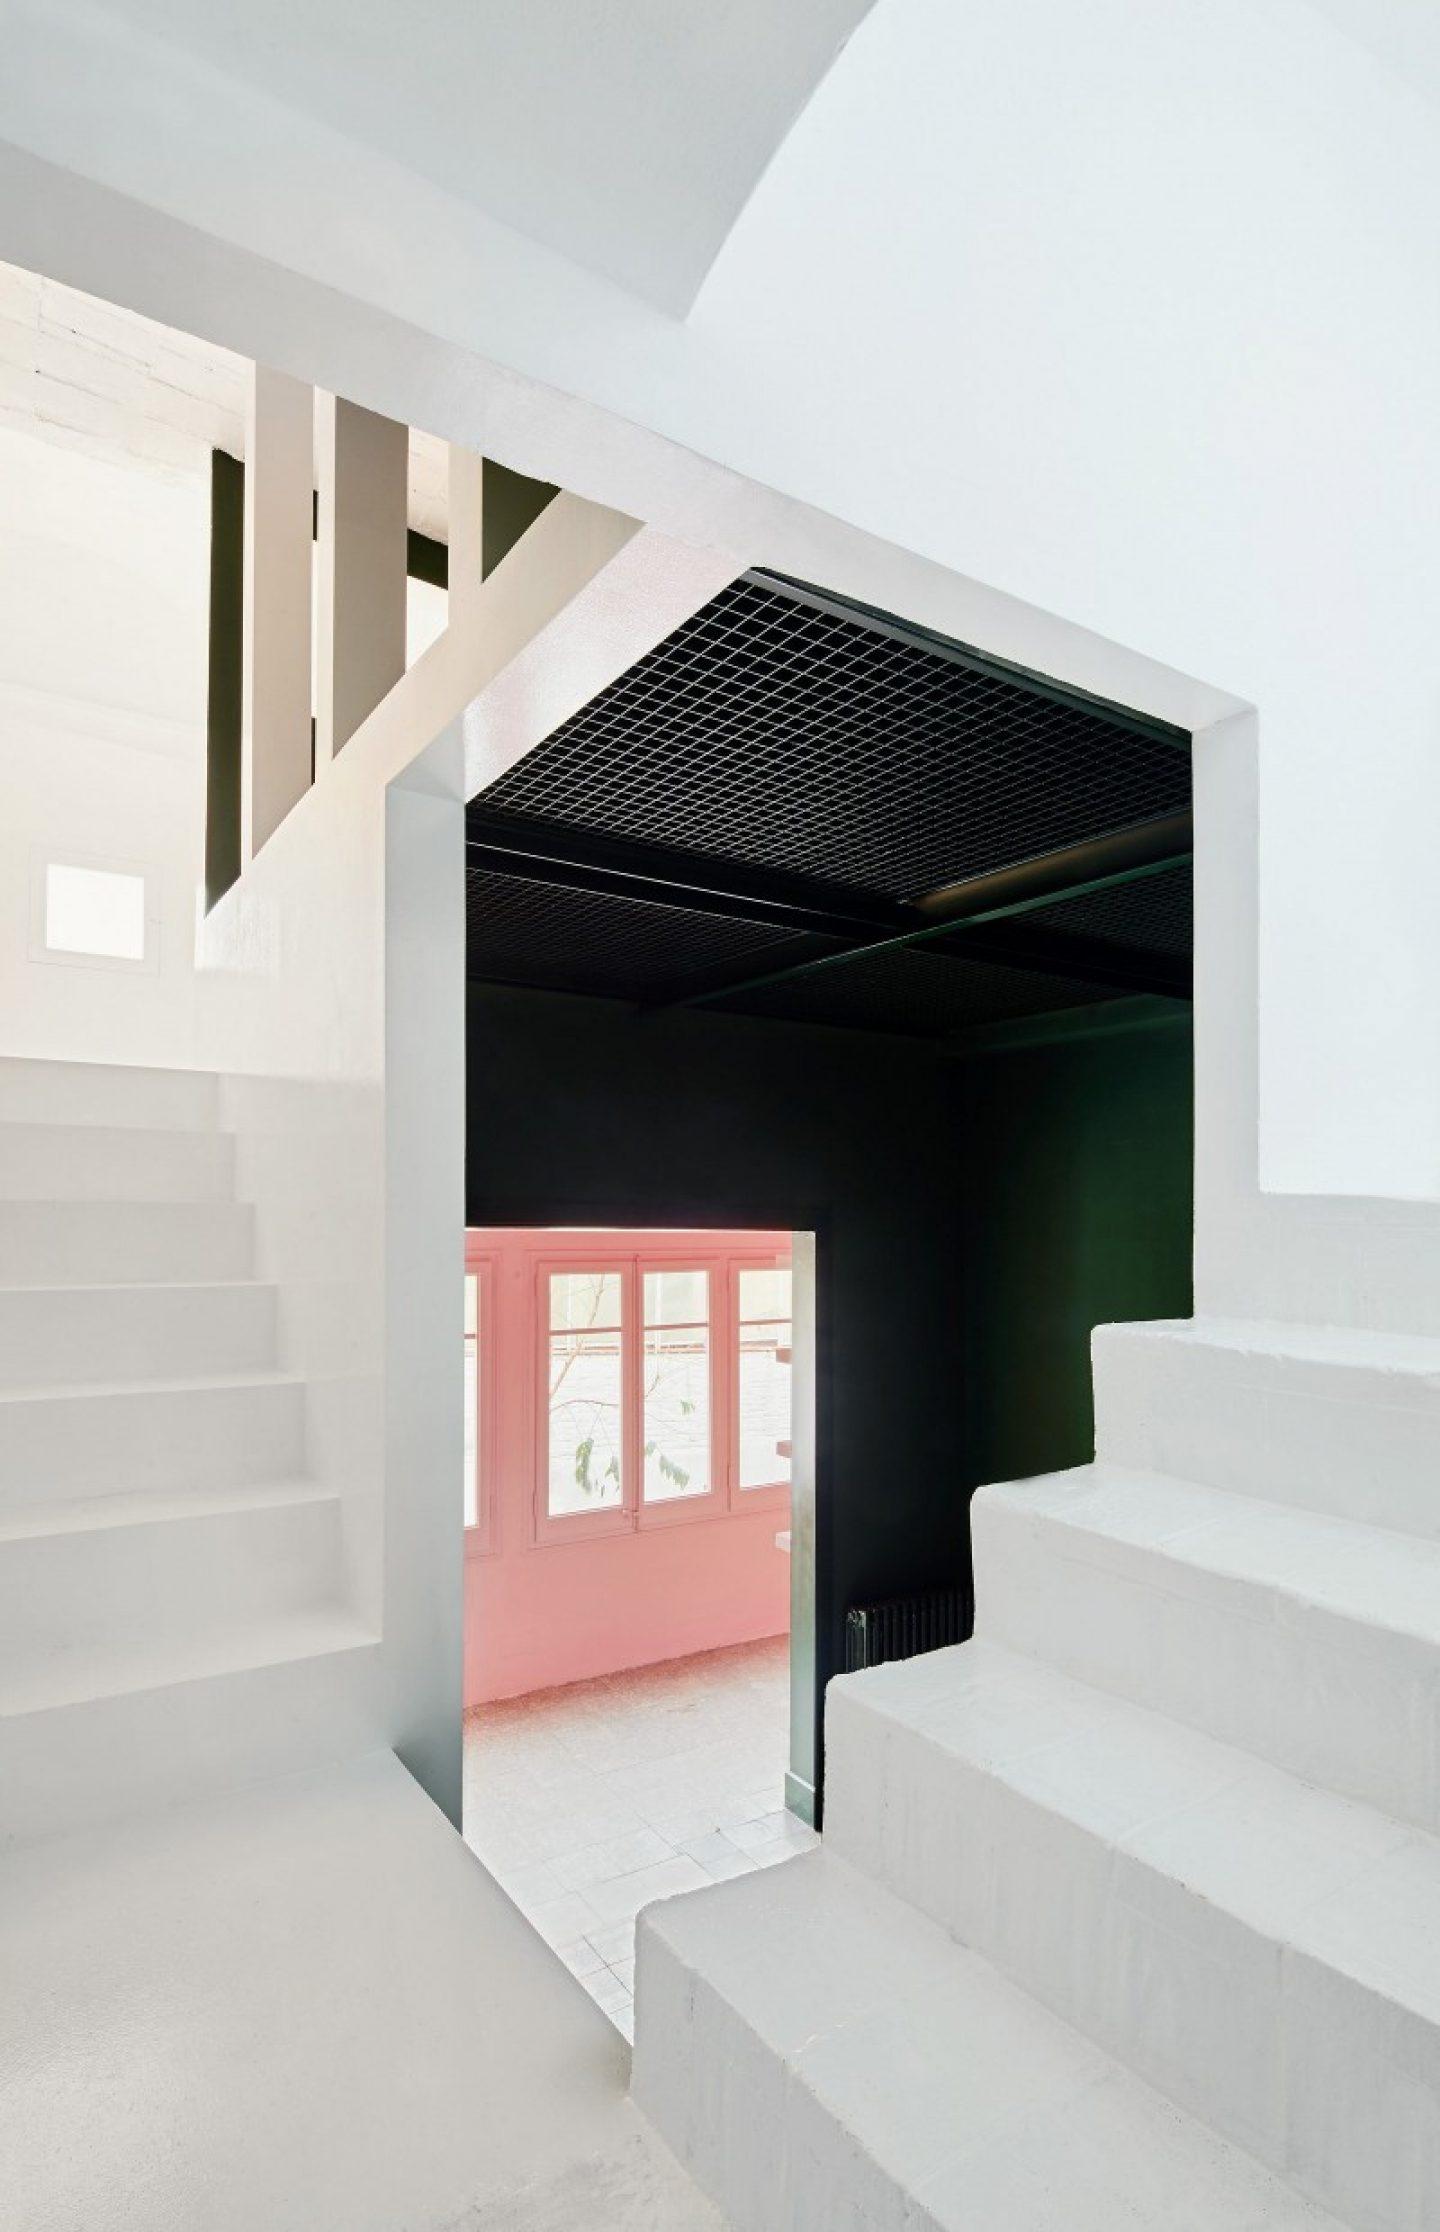 Guillermo_Santomà_Architecture (2)